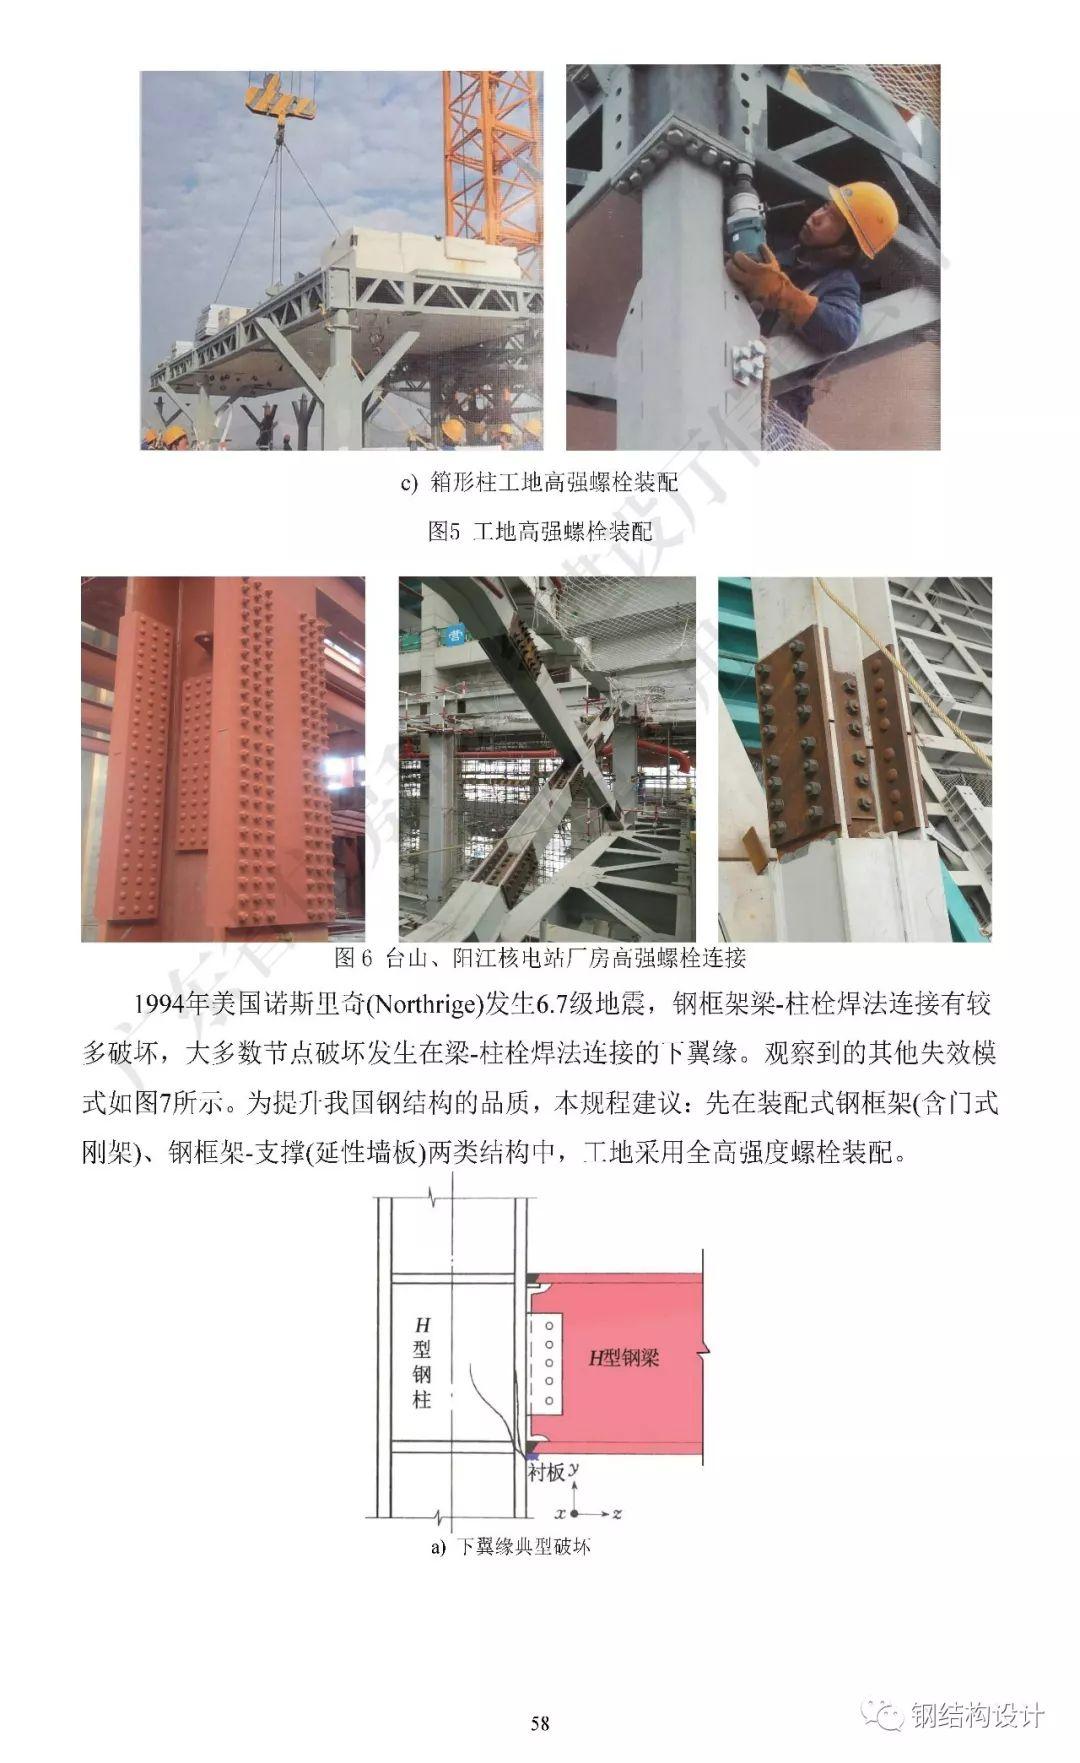 广东省《装配式钢结构建筑技术规程》发布_68